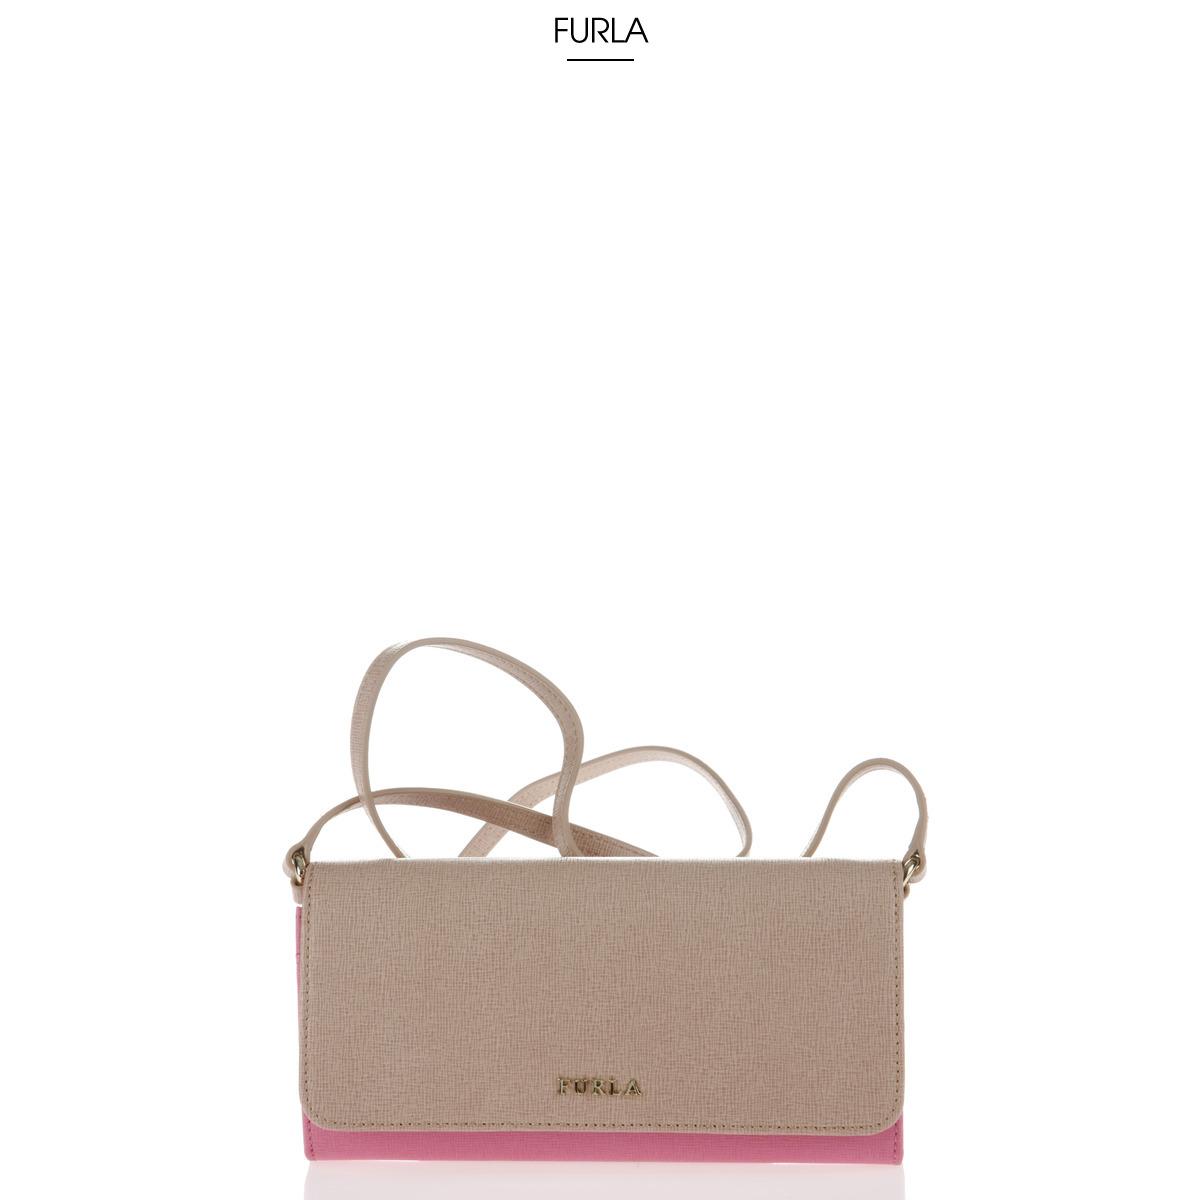 FURLA/芙拉 代购 女士新款时尚简约单肩斜挎包 792709